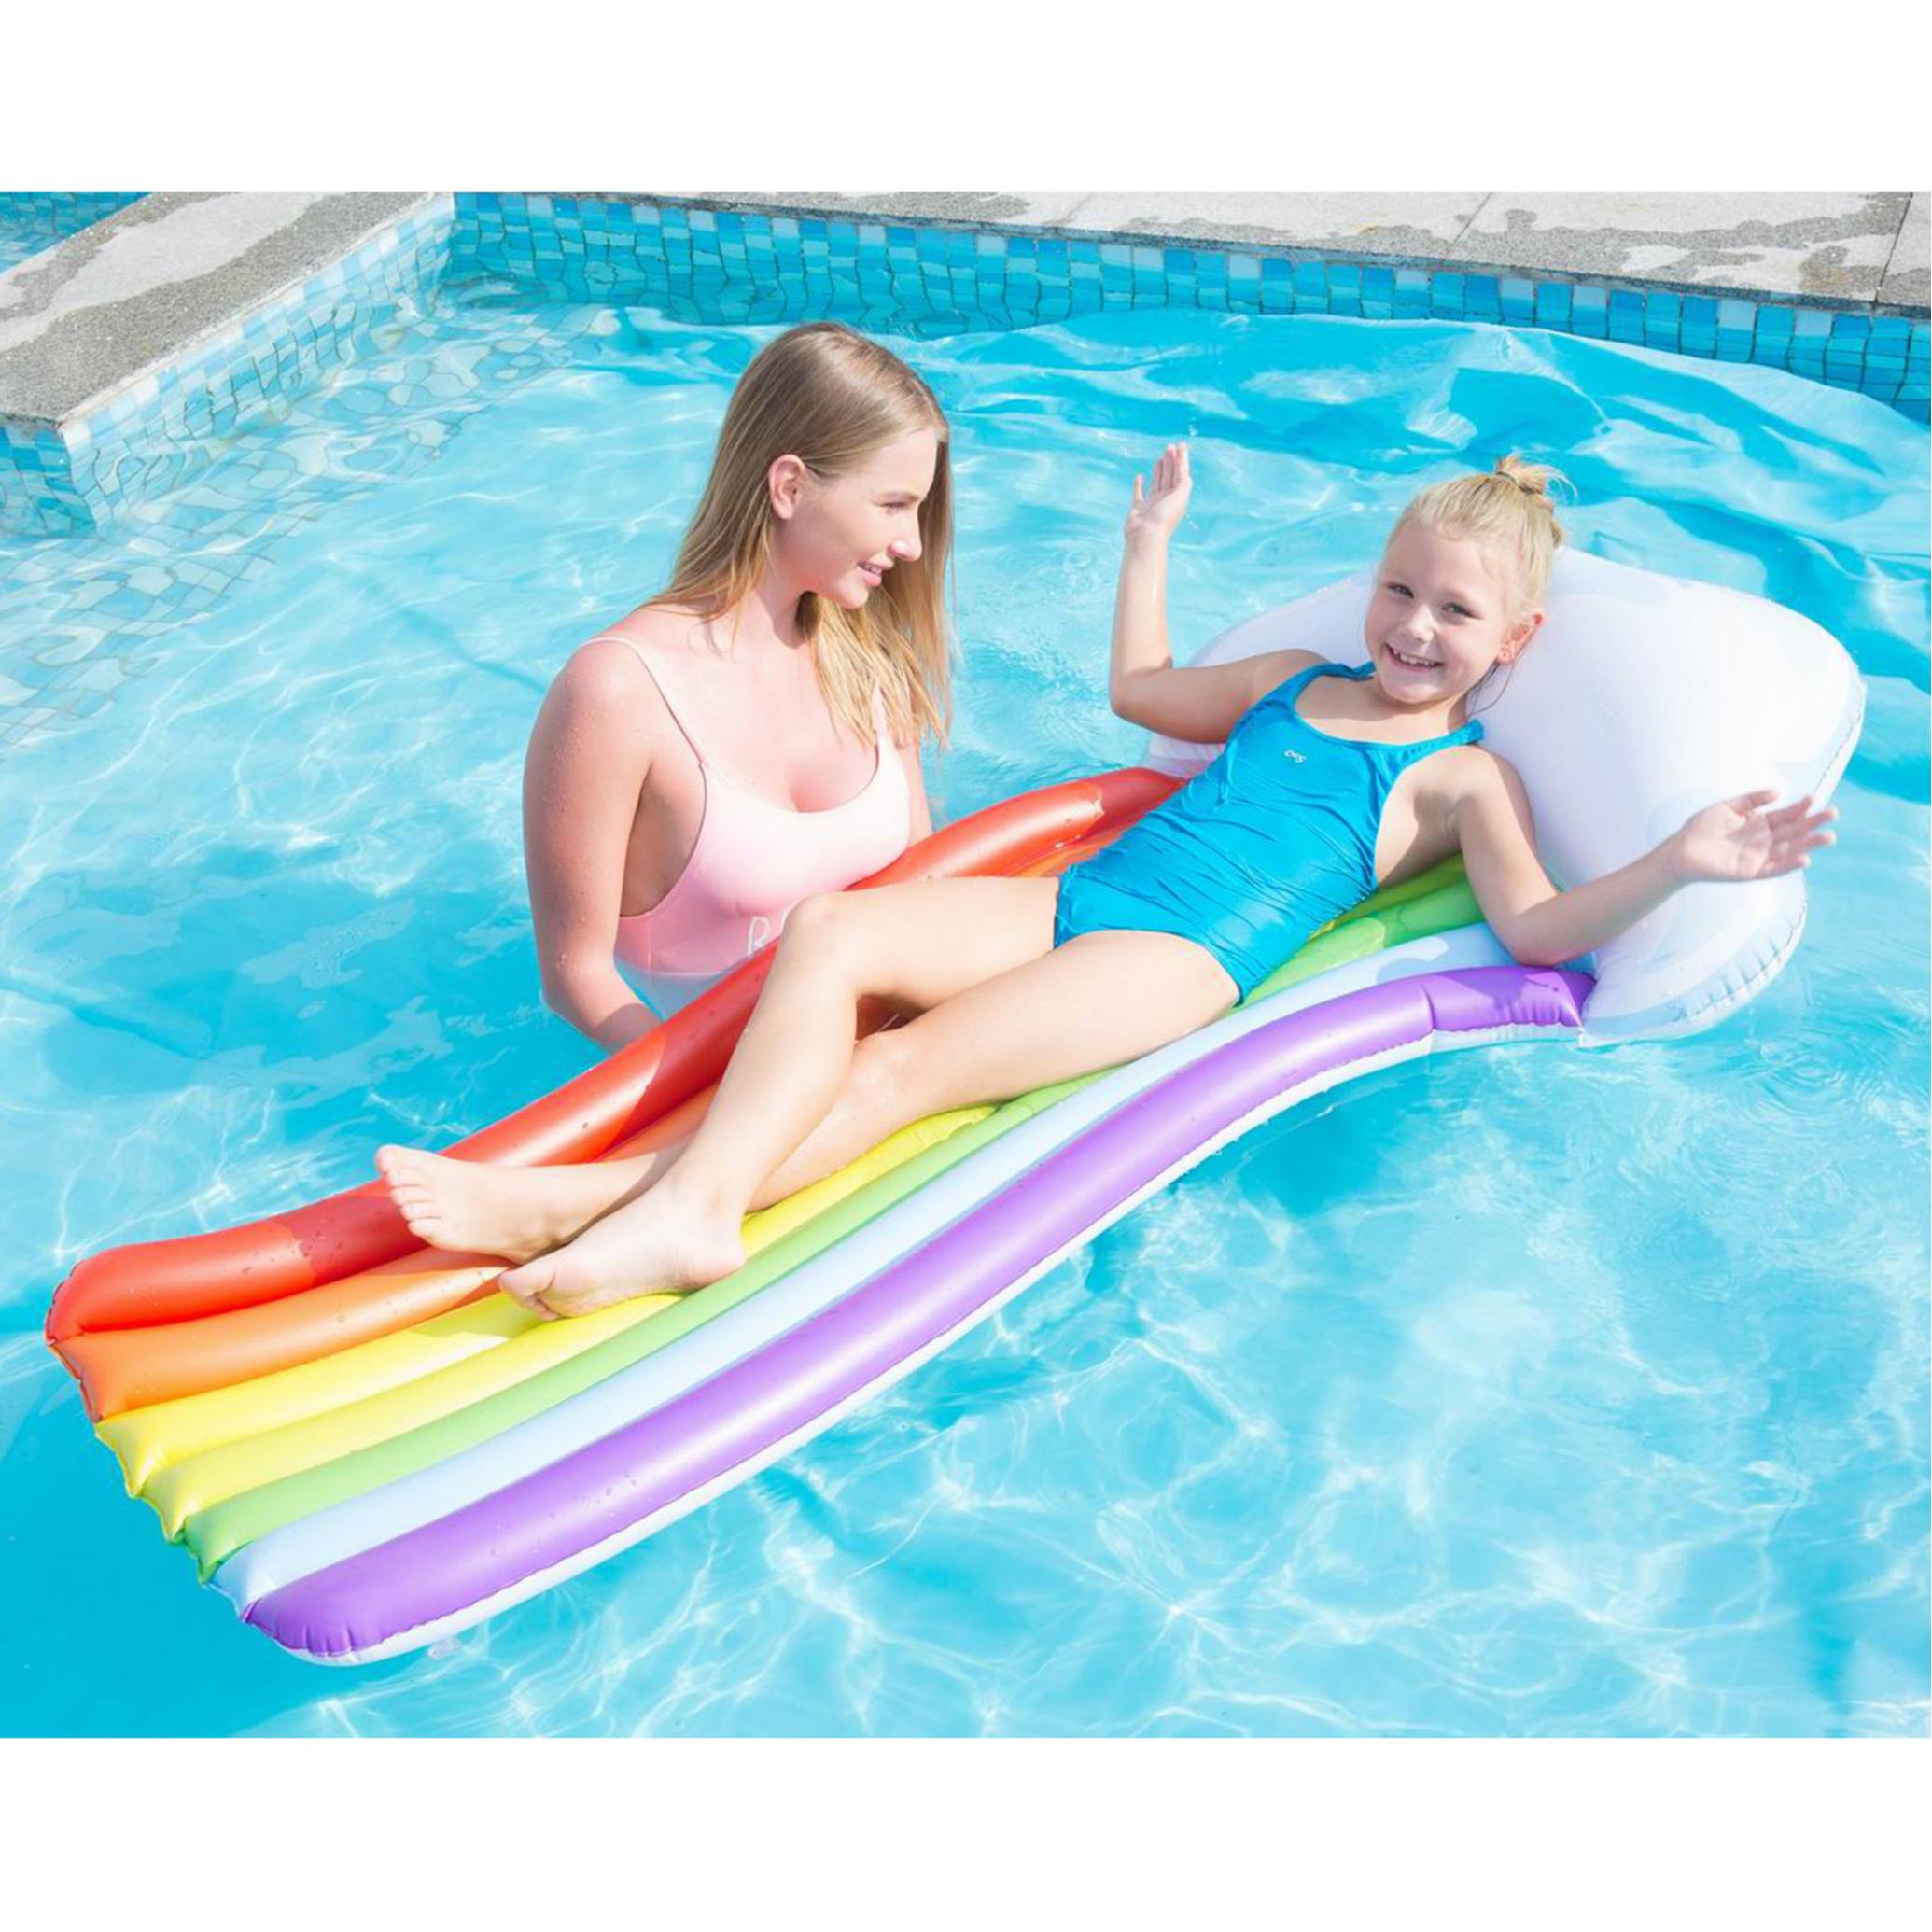 Waterspeelgoed regenbogen luchtbed 157 x 77 cm voor jongens-meisjes-kinderen